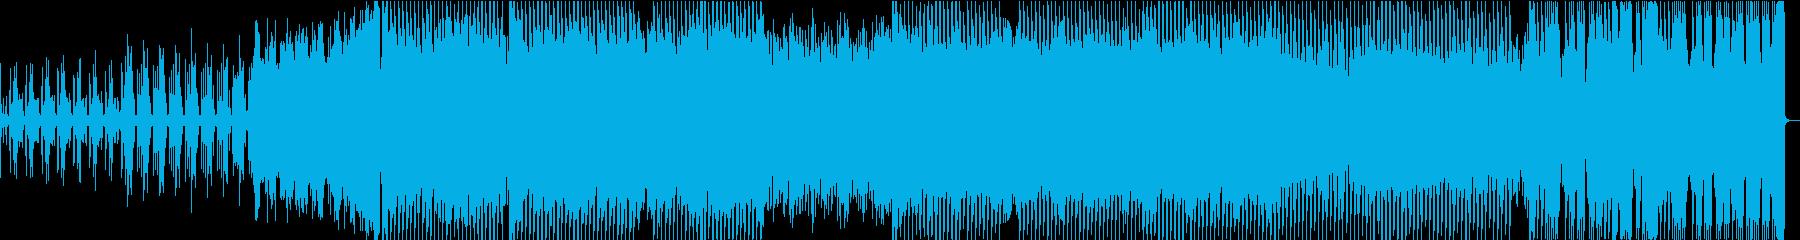 ダークでインパクトあるダウンテンポの再生済みの波形